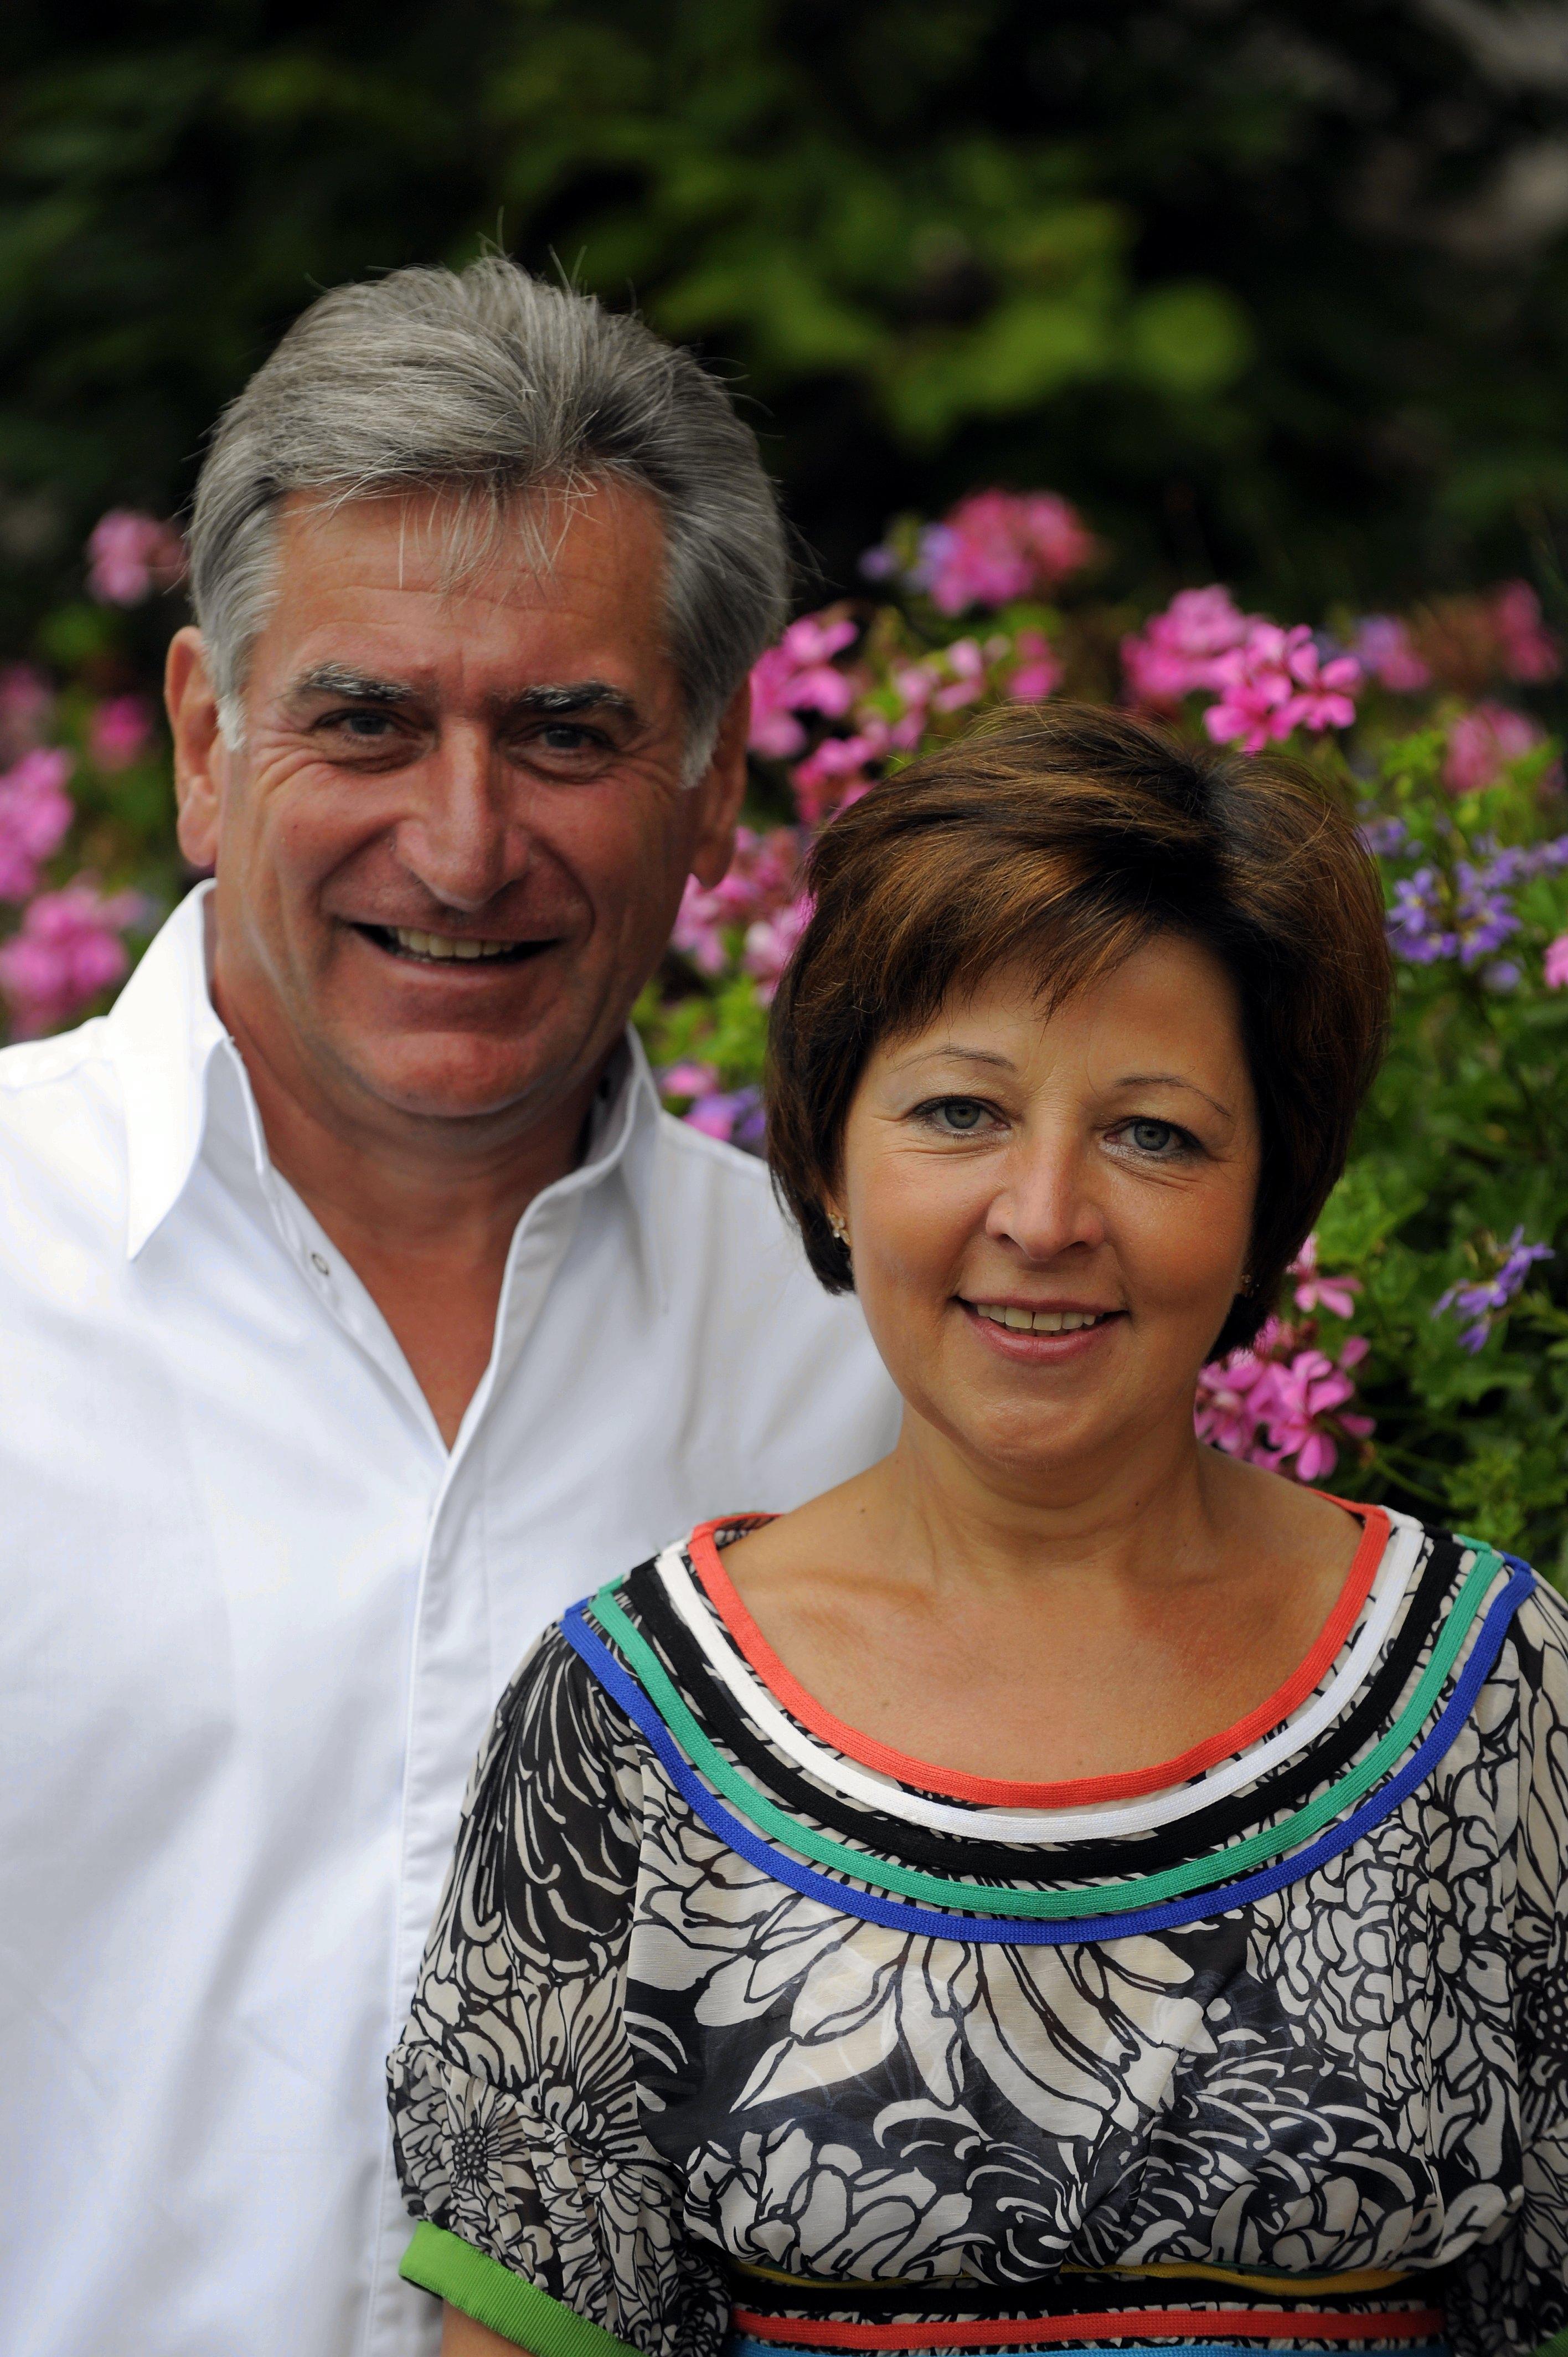 Jacques et Chantal Bruckmann